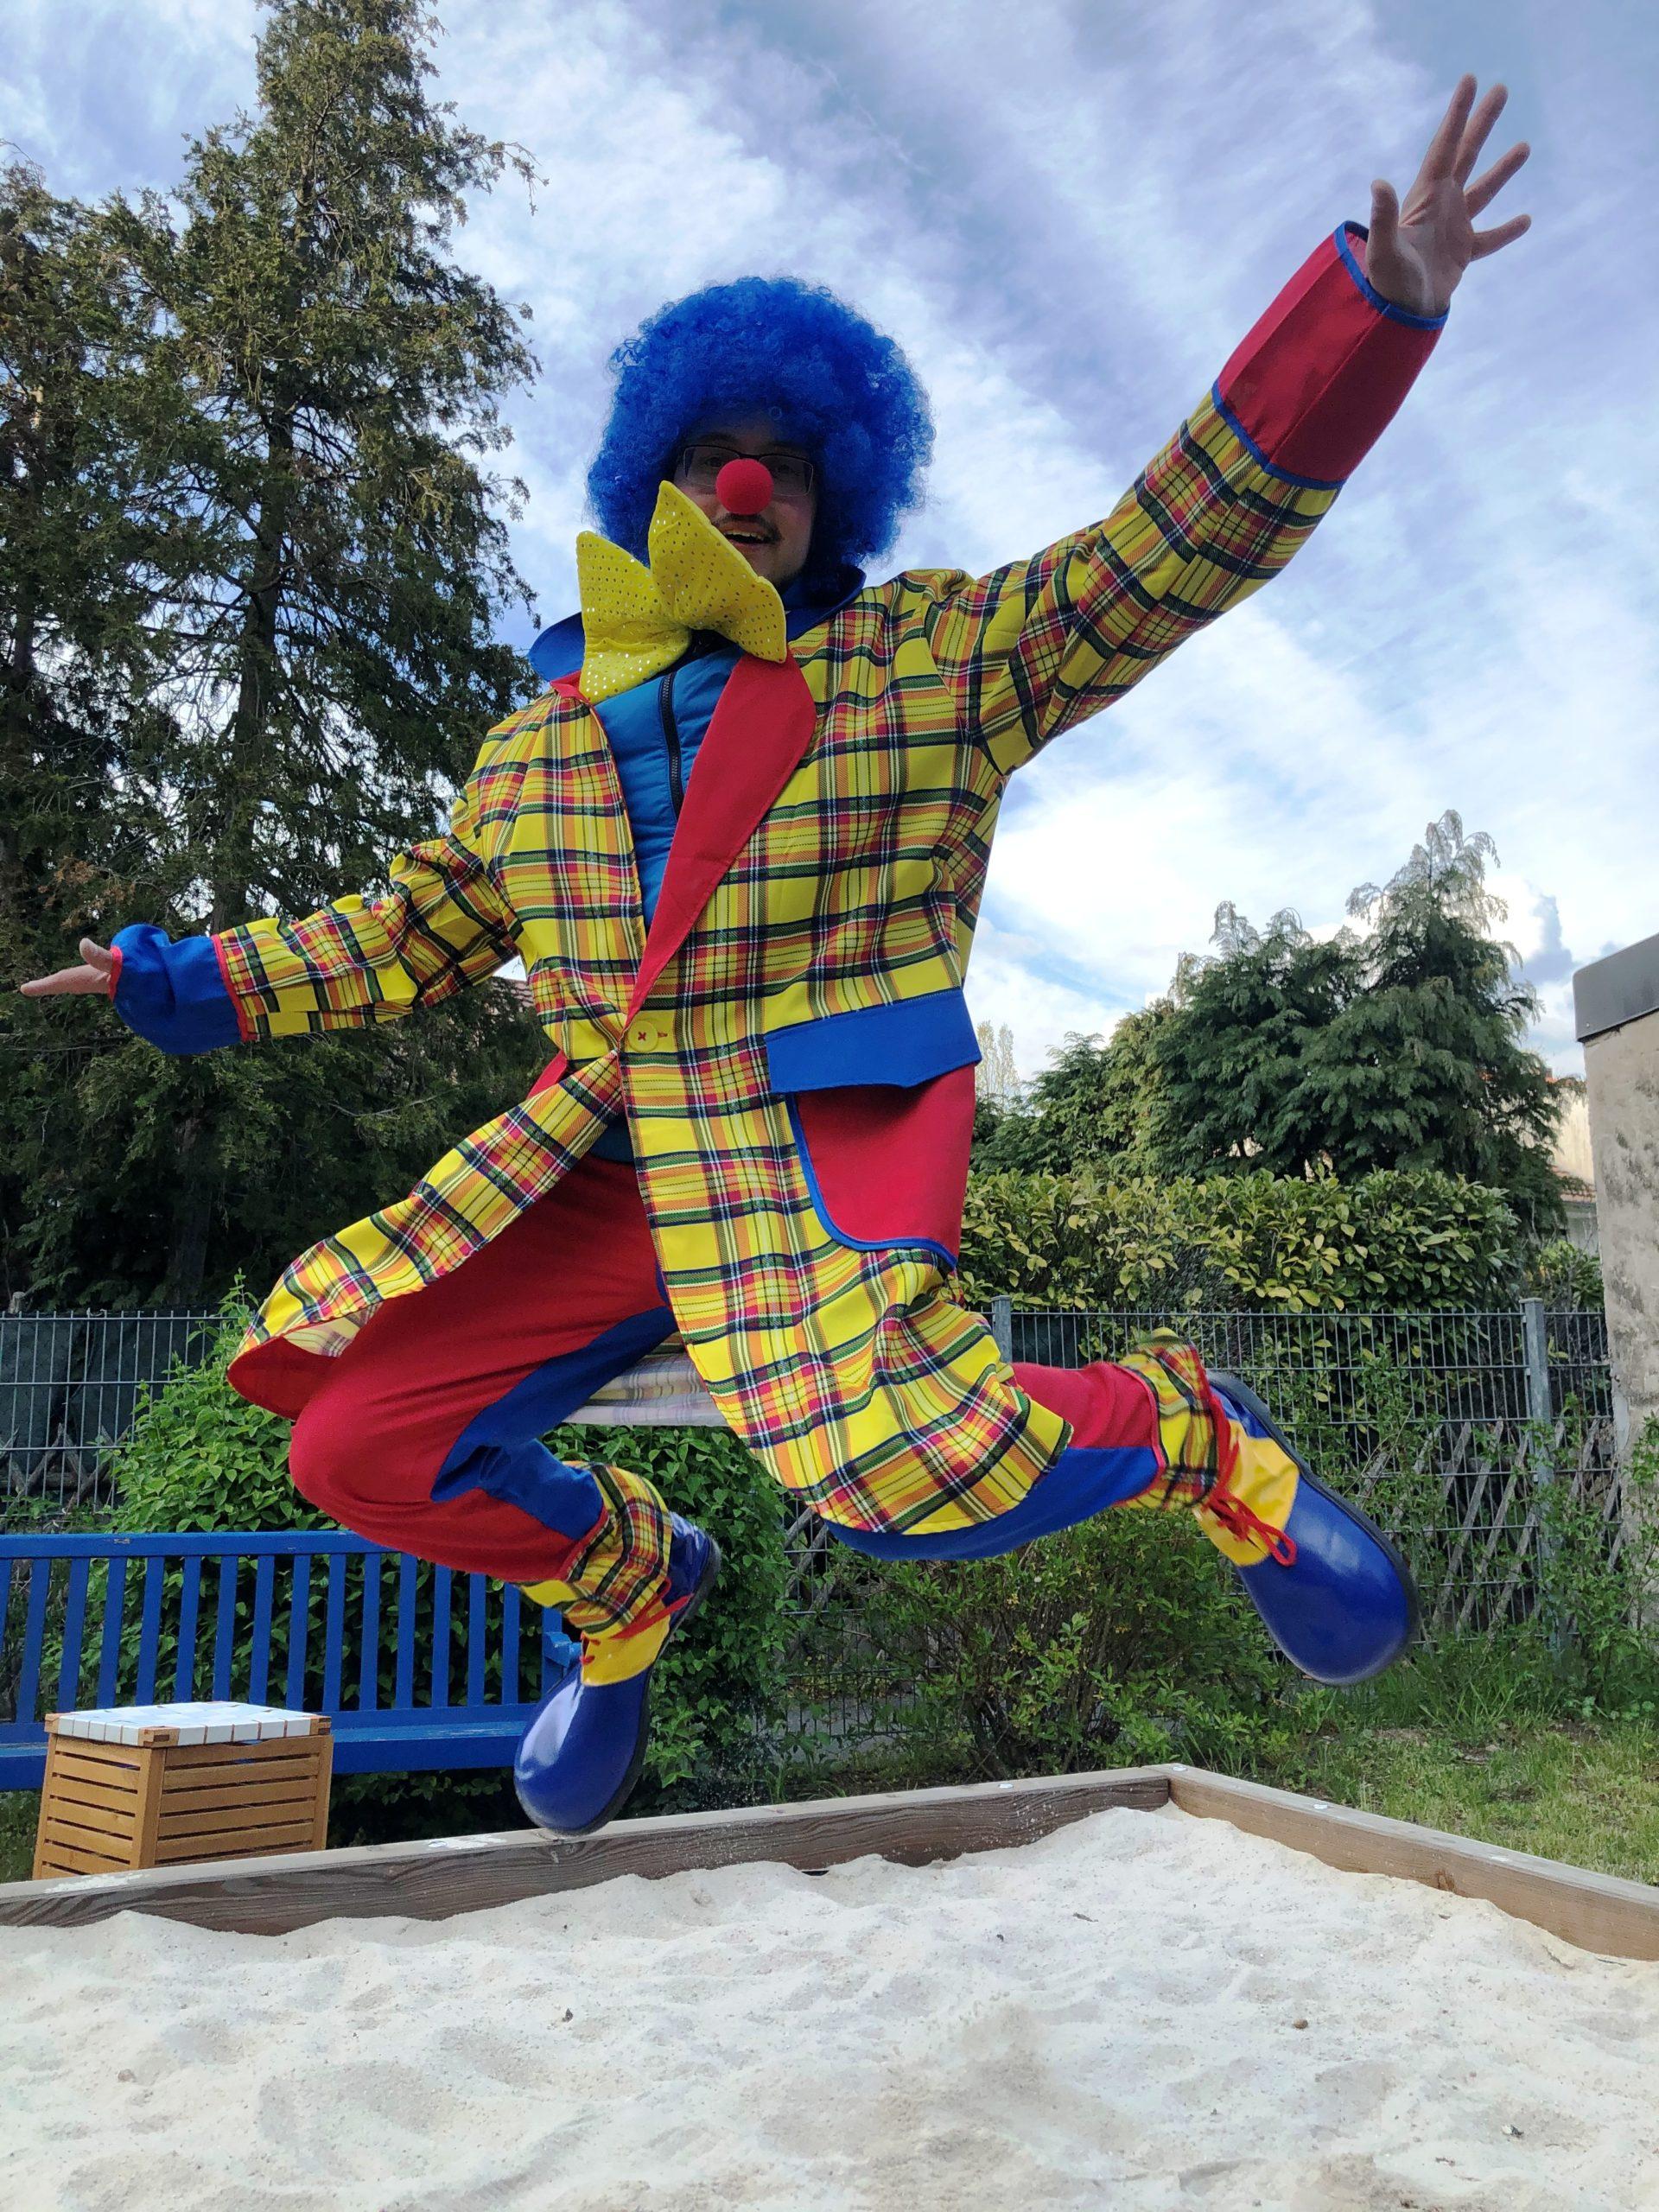 Umsonstladen: Unser Clown bringt gute Laune und kleine Geschenke ins Quartier